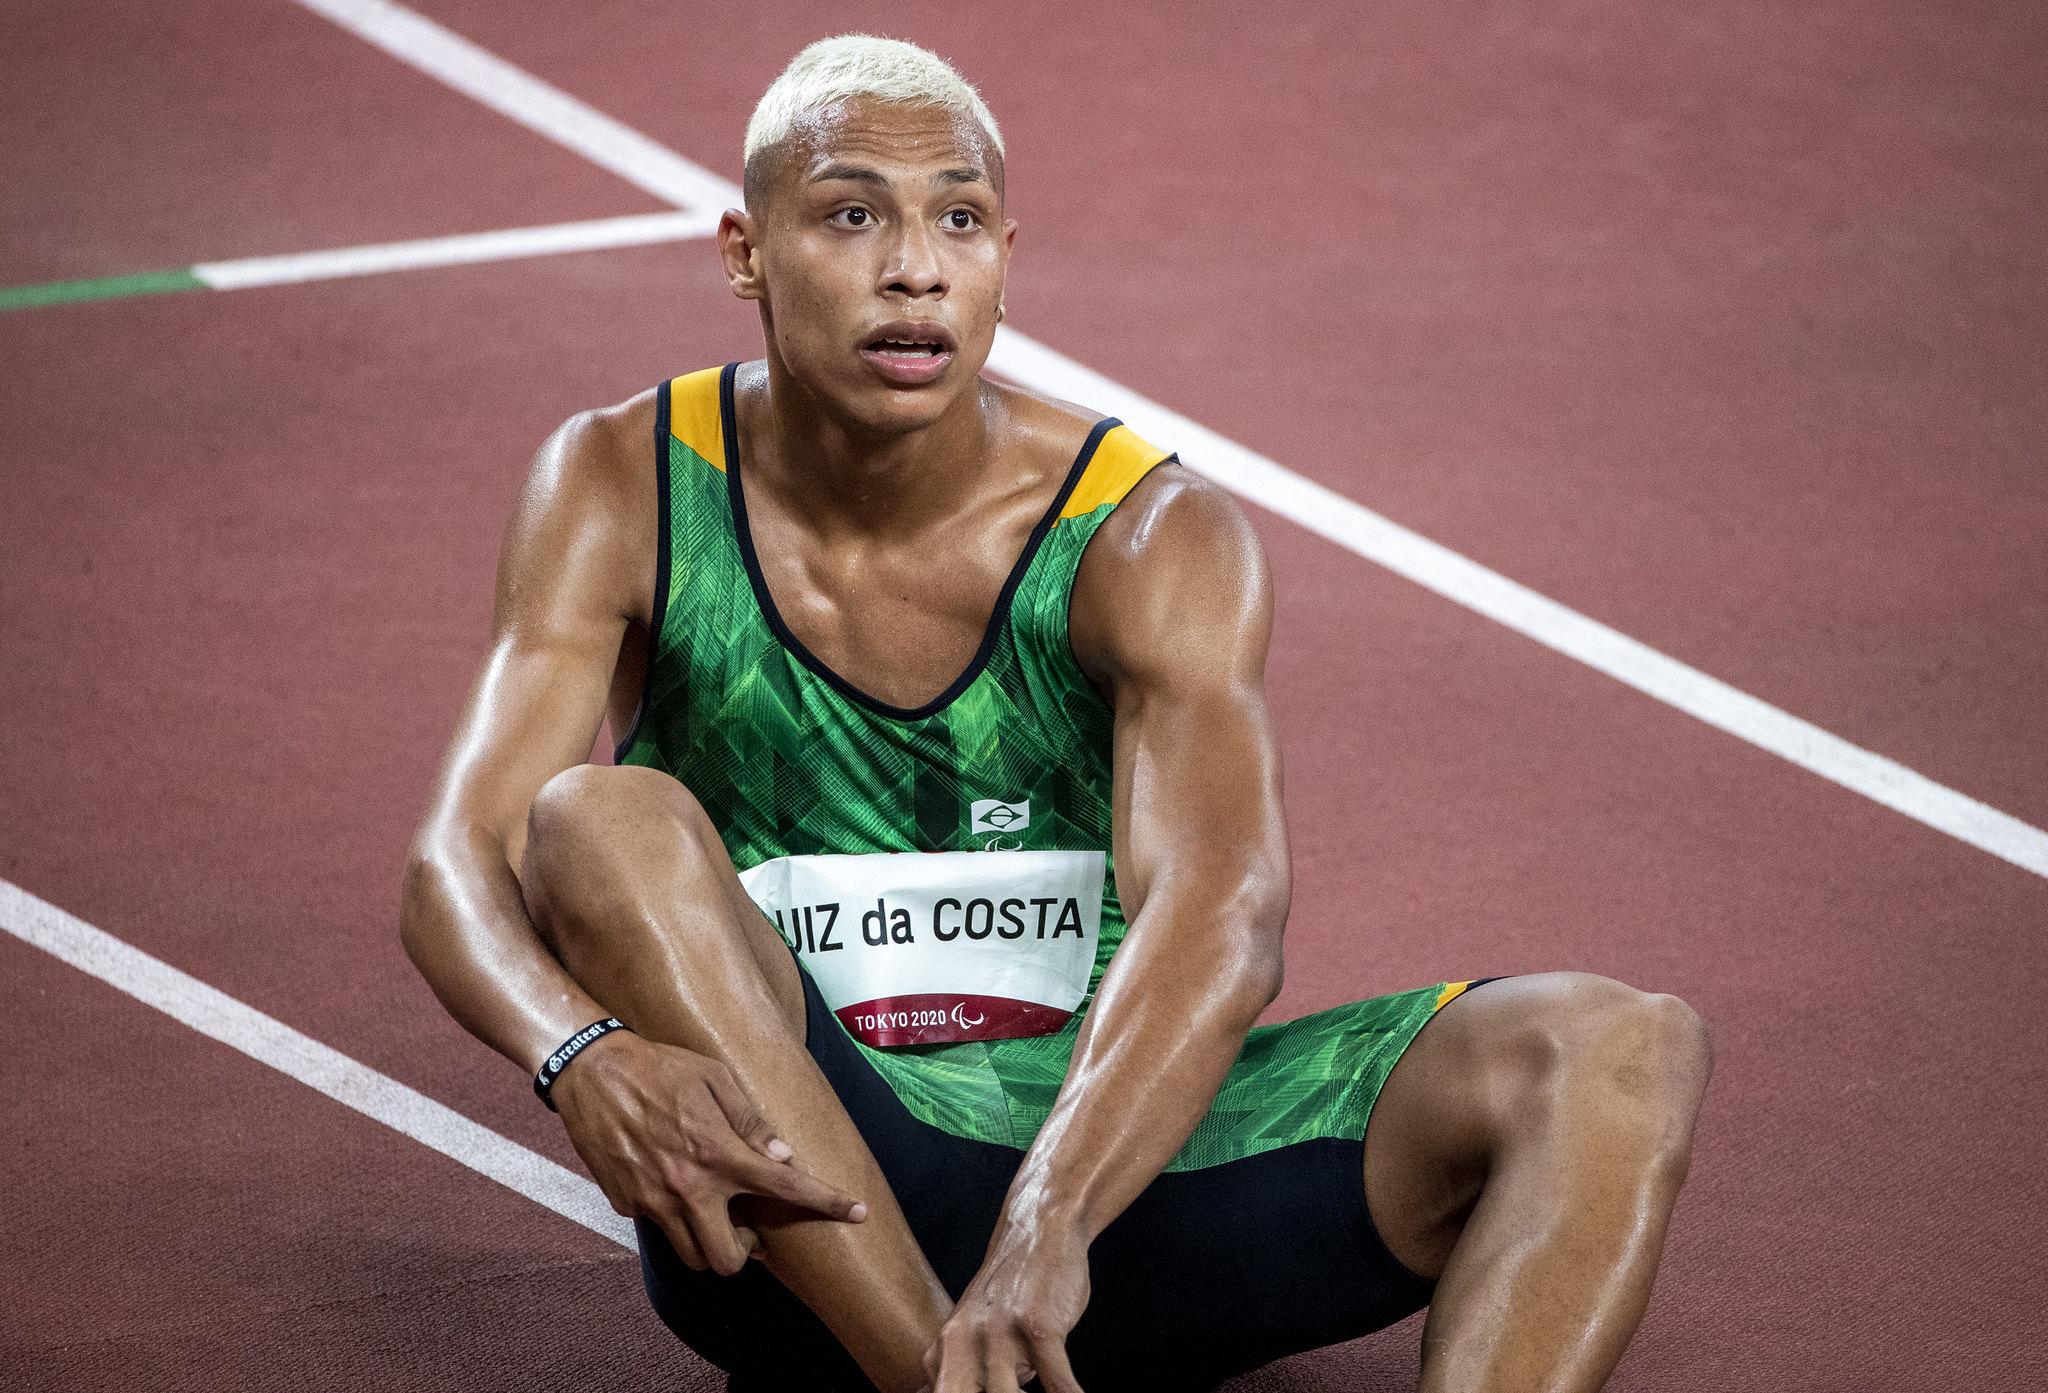 Christian é um rapaz negro, loiro e está sentado na pista de atletismo de Tóquio após uma corrida.